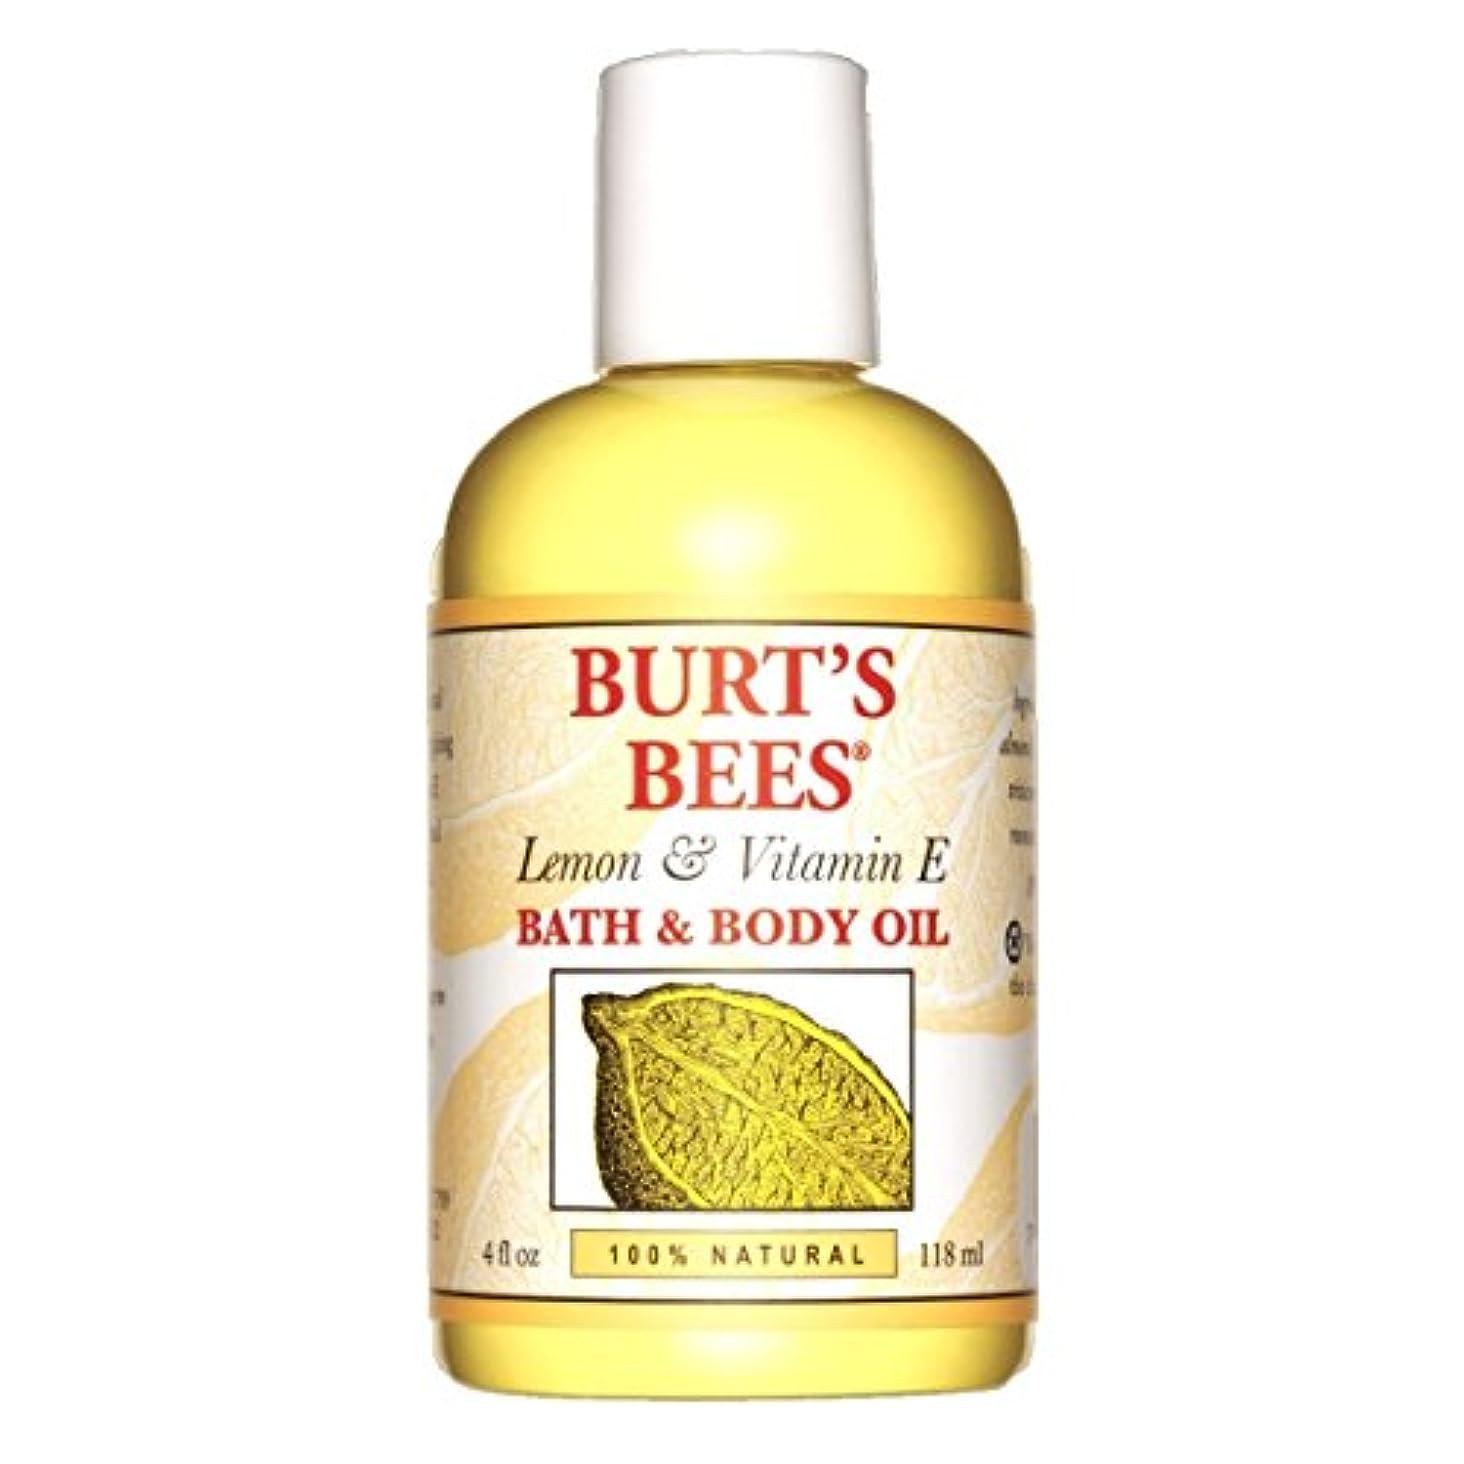 予備モード不快バーツビーズ(Burt's Bees) レモン&ビタミンE バスアンドボディオイル 118ml [海外直送品][並行輸入品]